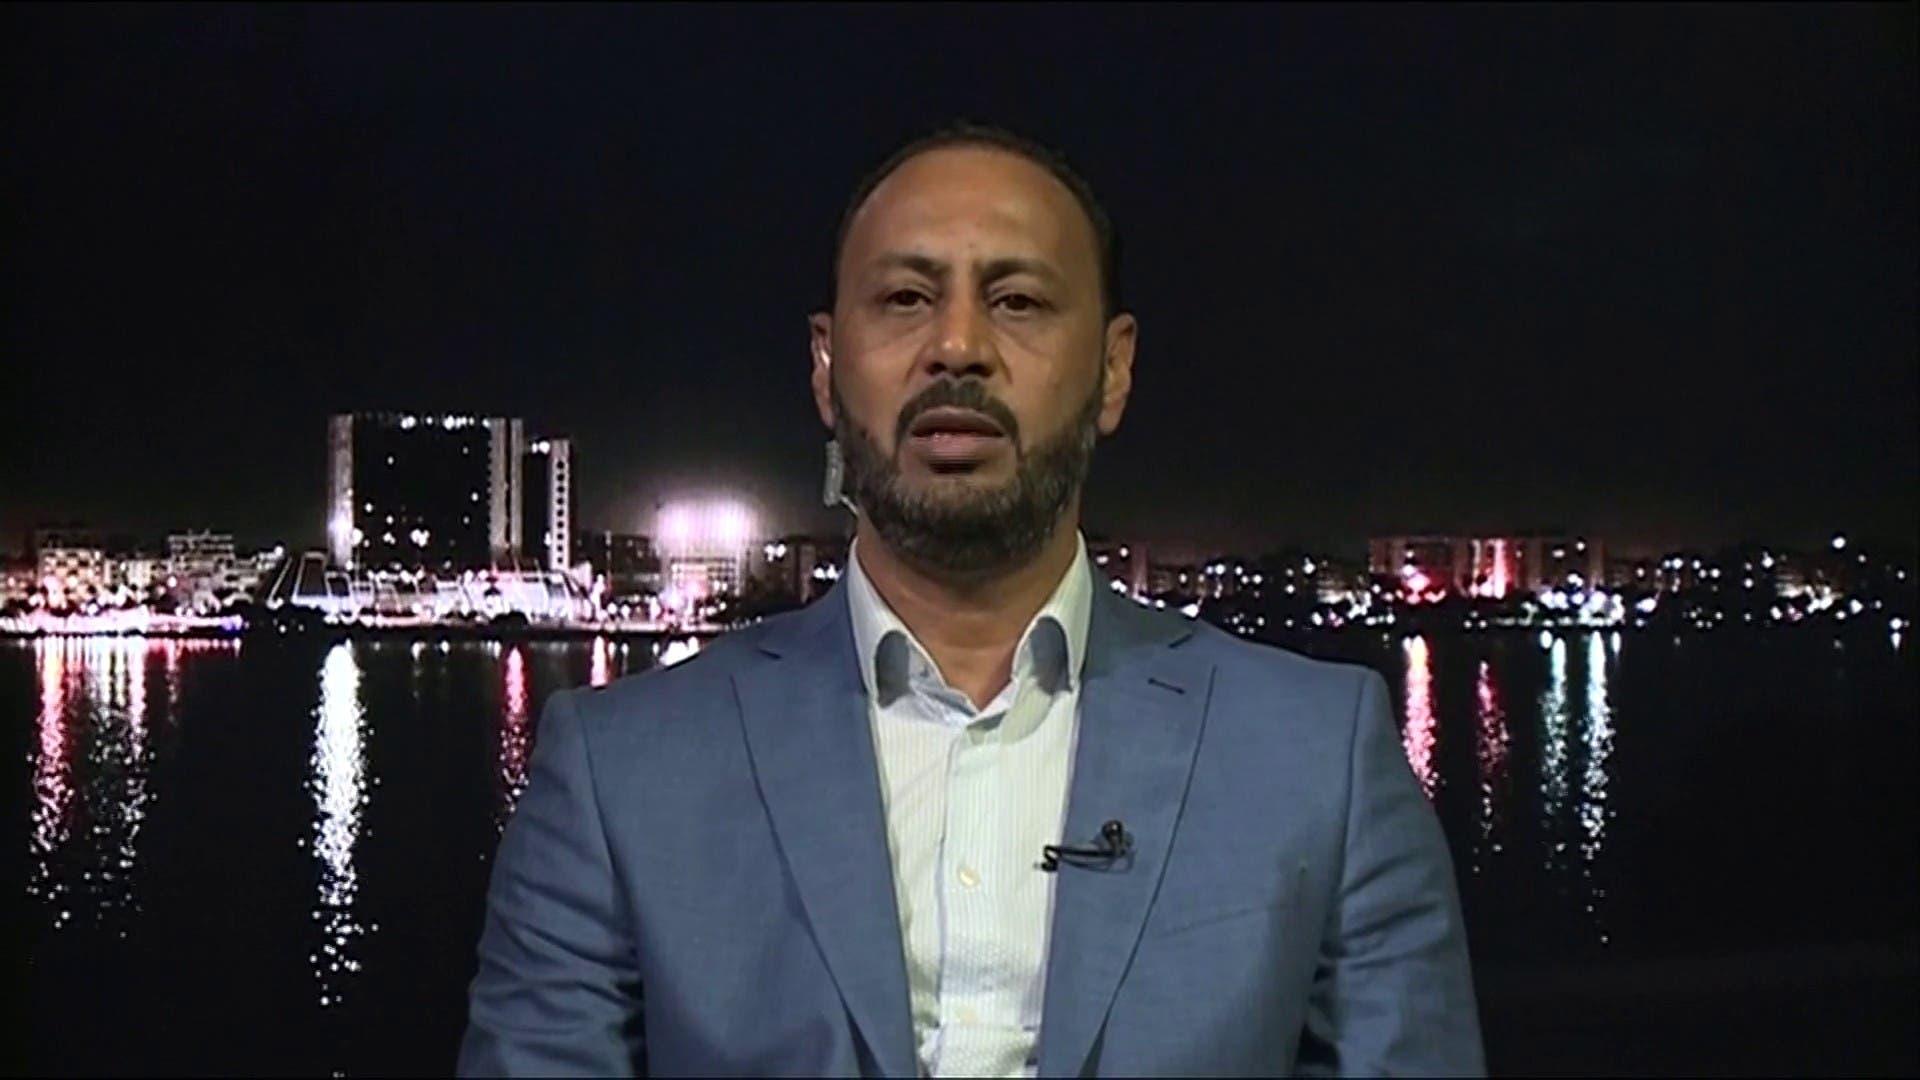 النائب في البرلمان الليبي إدريس المغربي